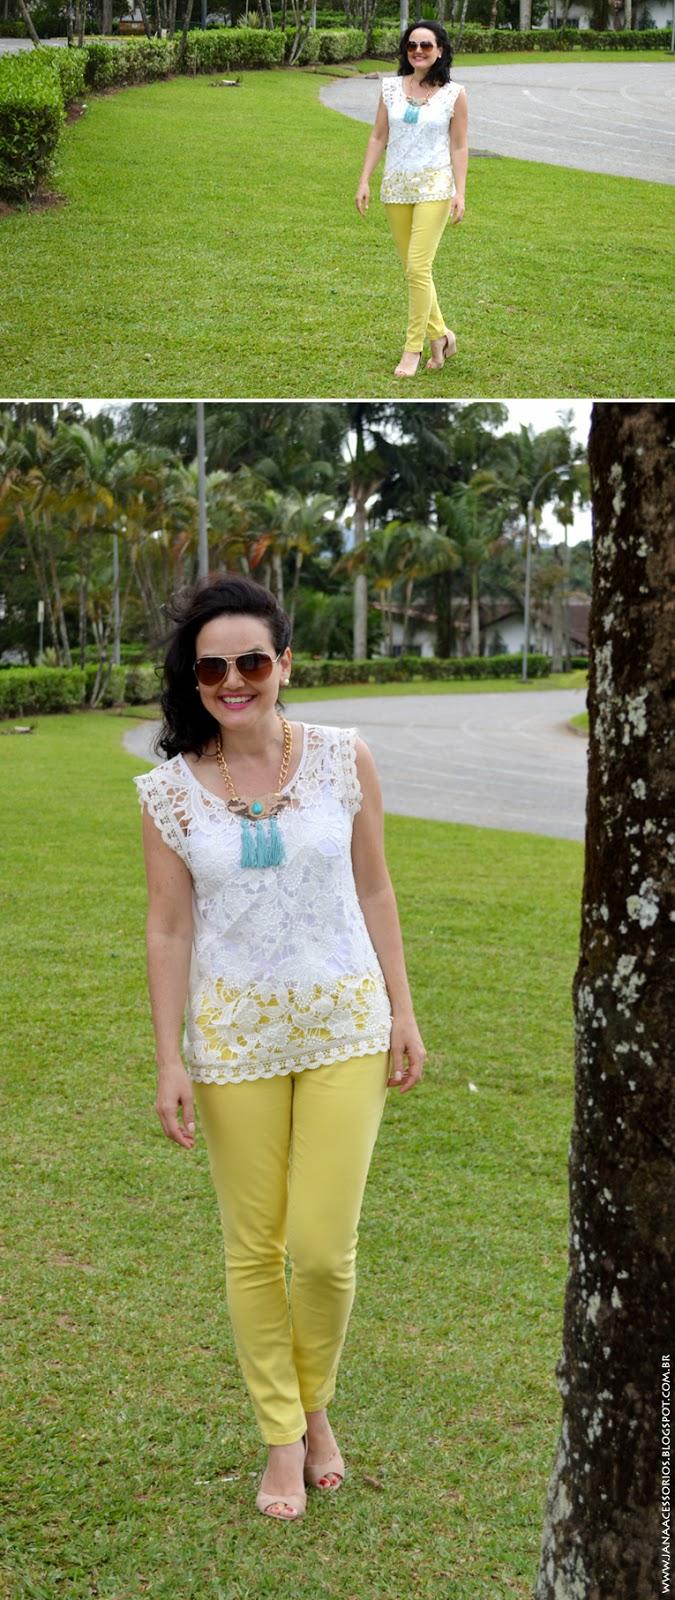 Blog da Jana, joinville, blogueira, jana acessórios, renda, acessórios, look, blogger, moda, fashion, style, Look da Jana